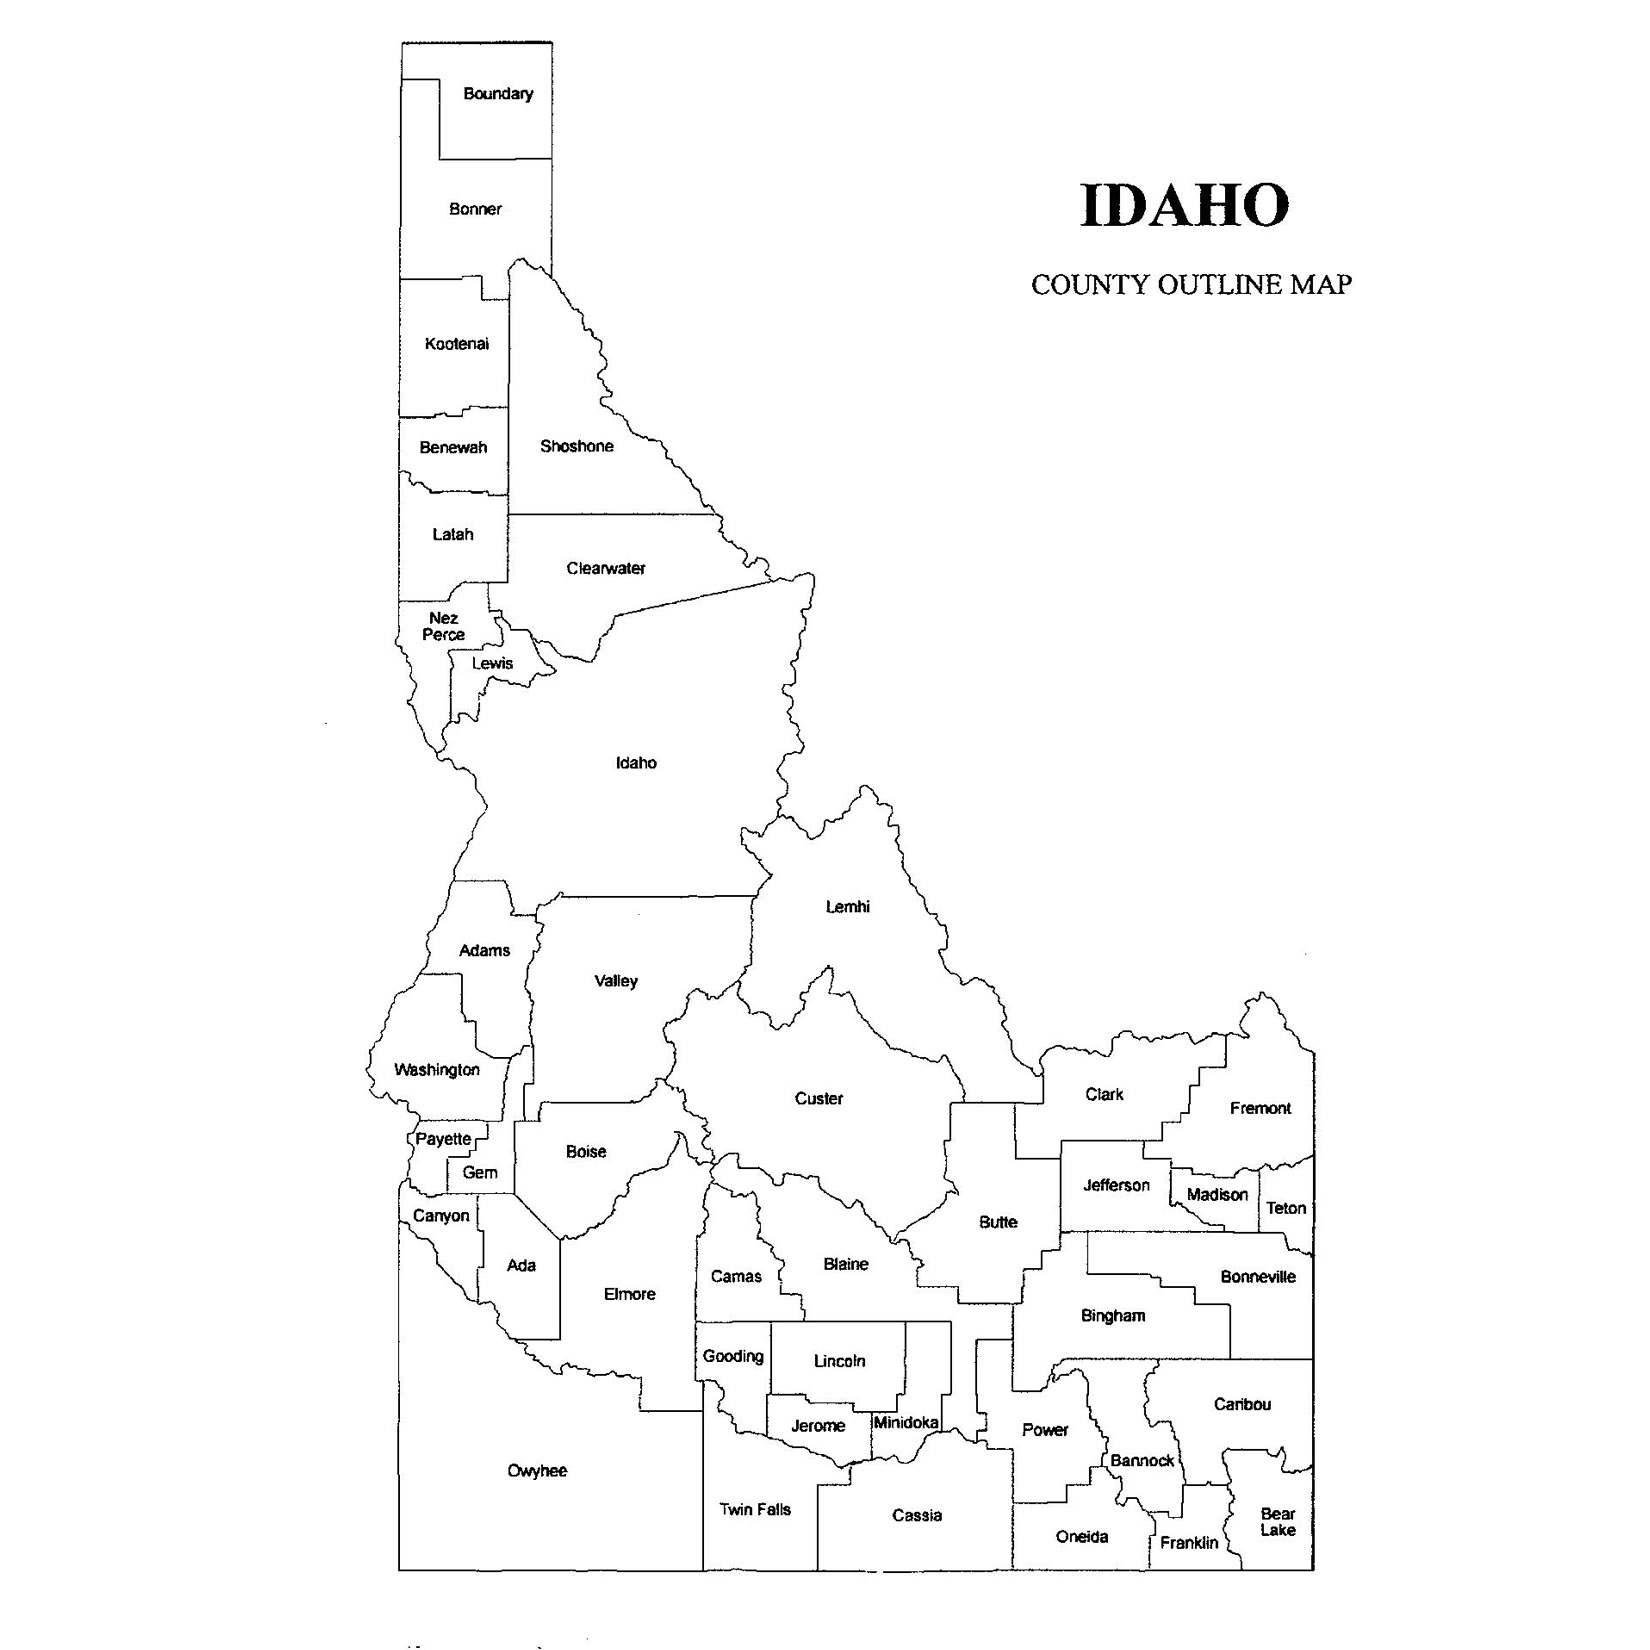 Idaho County Map Idaho County Map – Jigsaw Genealogy Idaho County Map